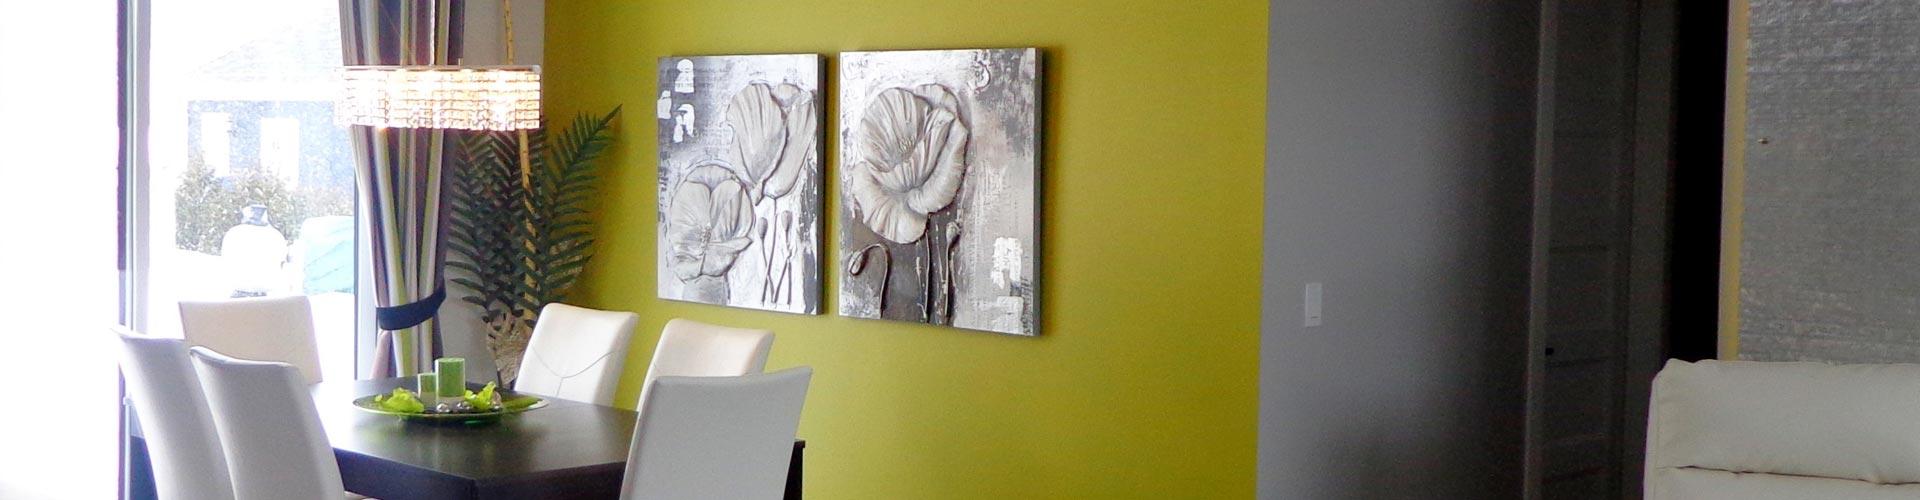 decoration-peinture-betonel